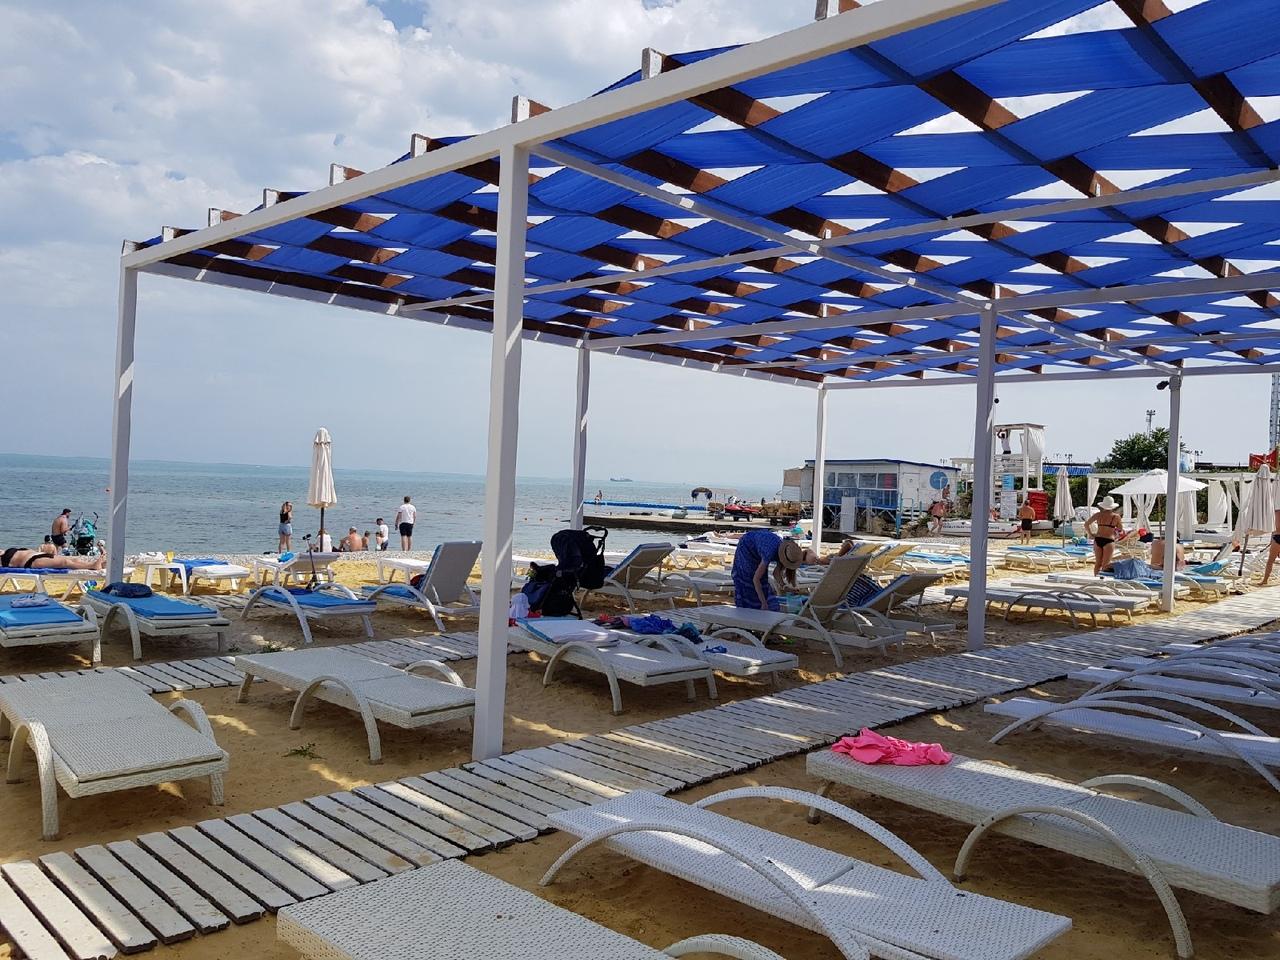 Отдыхающие поделились впечатлениями о пляже «Аквамарин» в Севастополе